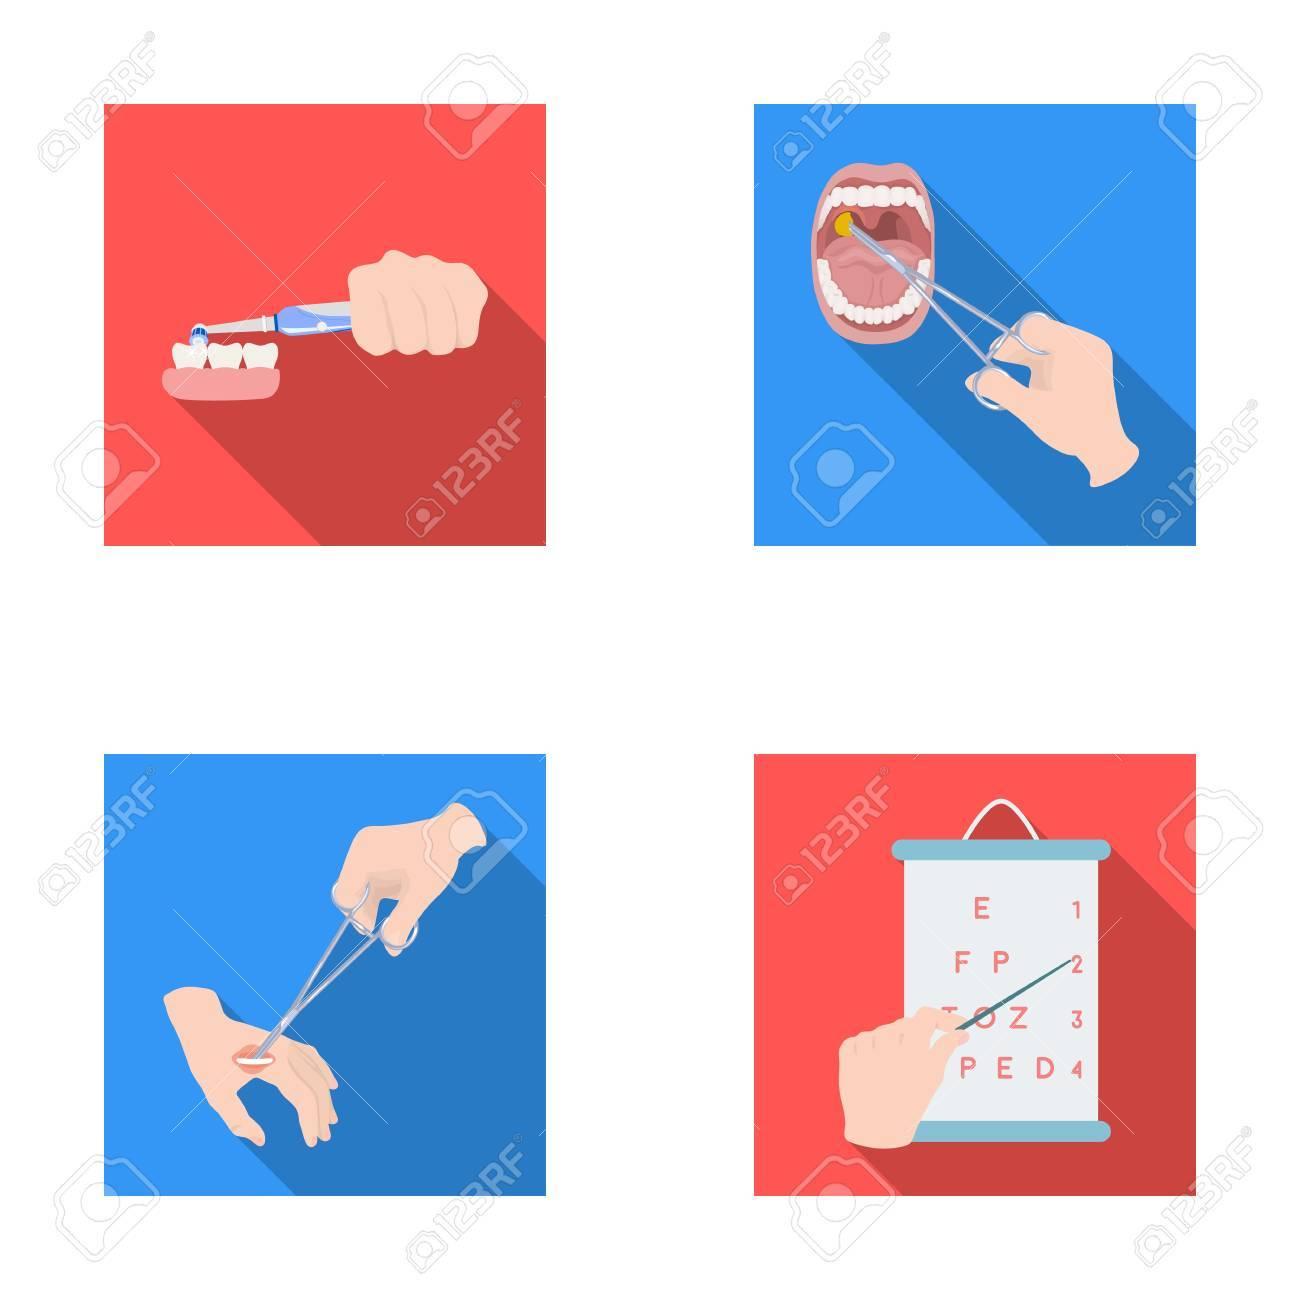 Banque d images - Soins dentaires, traitement des plaies et autre icône web  dans le traitement plat style.oral, icônes de test de vue dans la  collection de ... 8be0f09caffd